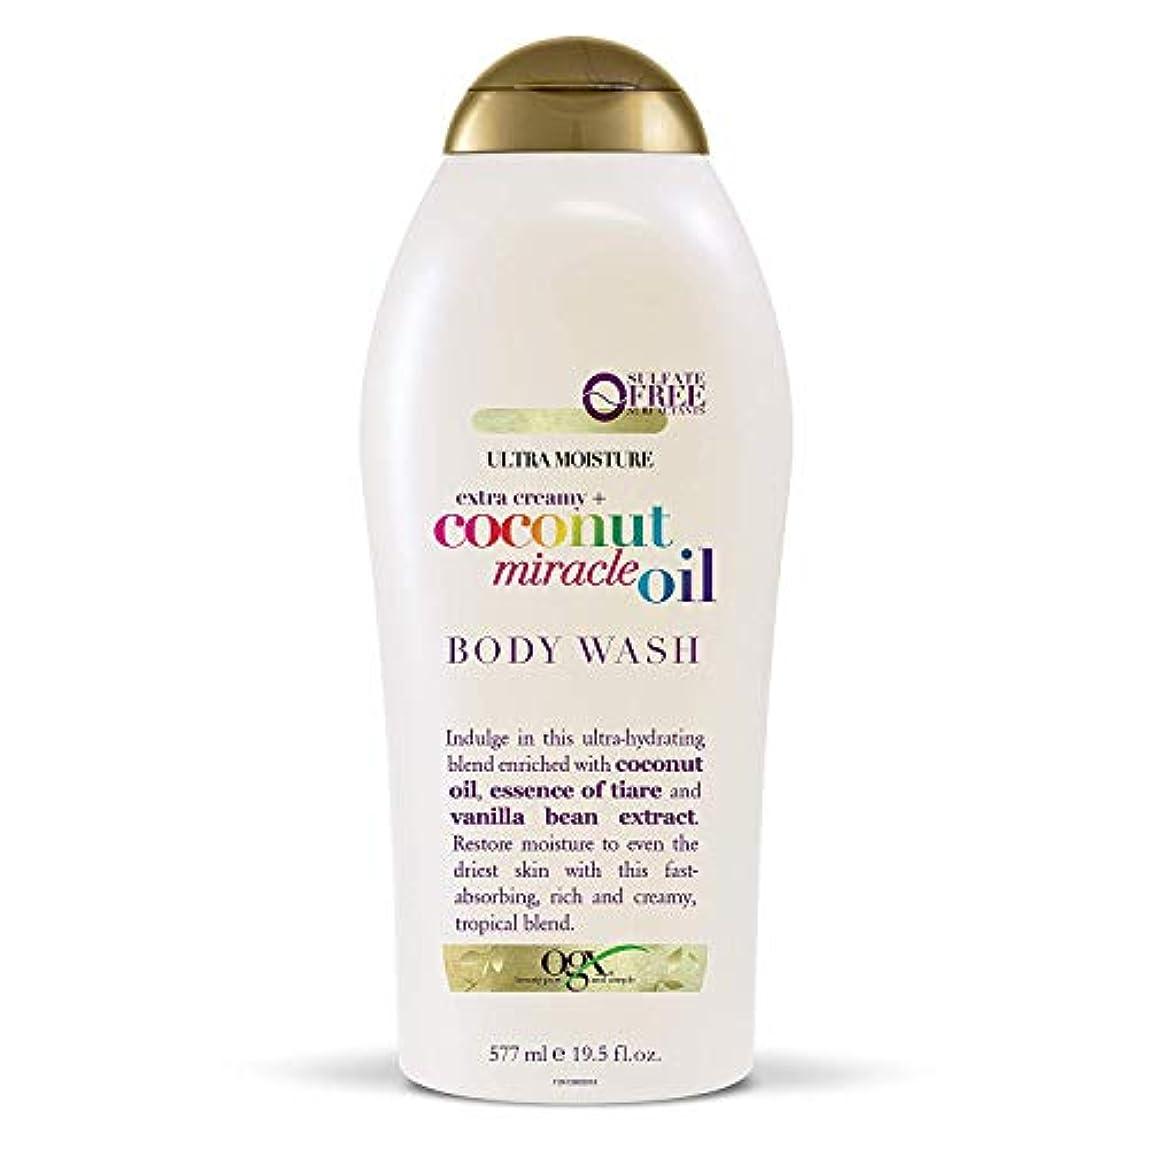 スペル制約支援するOgx Body Wash Coconut Miracle Oil Extra Strength 19.5oz OGX ココナッツミラクルオイル エクストラストレングス ボディウォッシュ 577ml [並行輸入品]